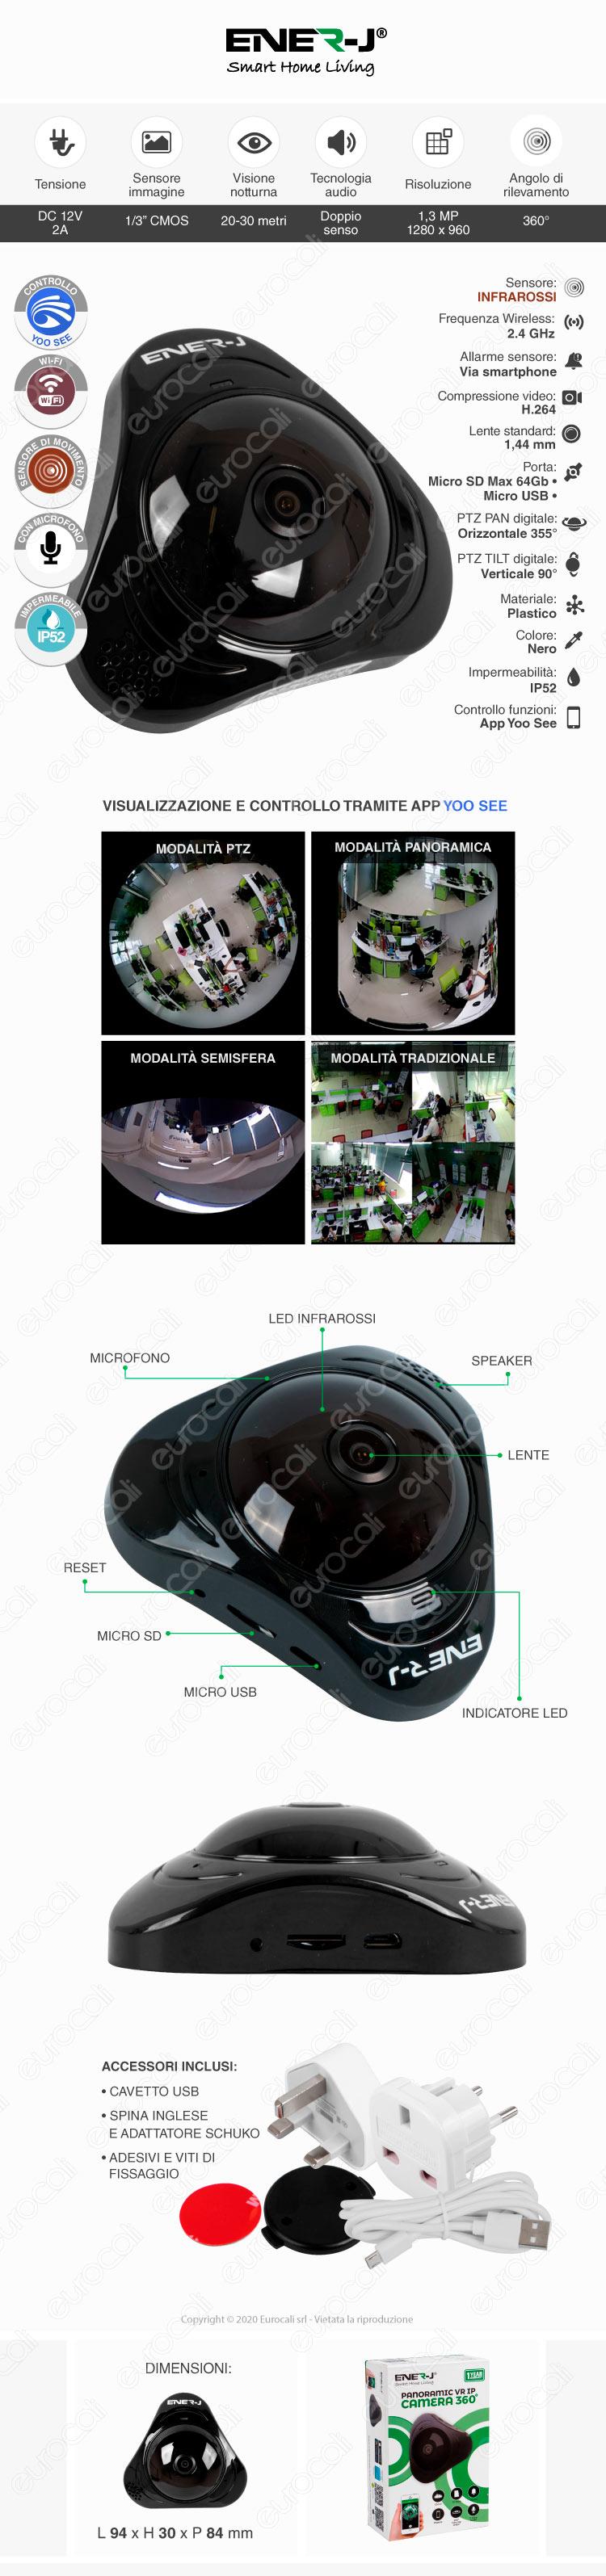 Ener-J Telecamera di Sorveglianza Wireless